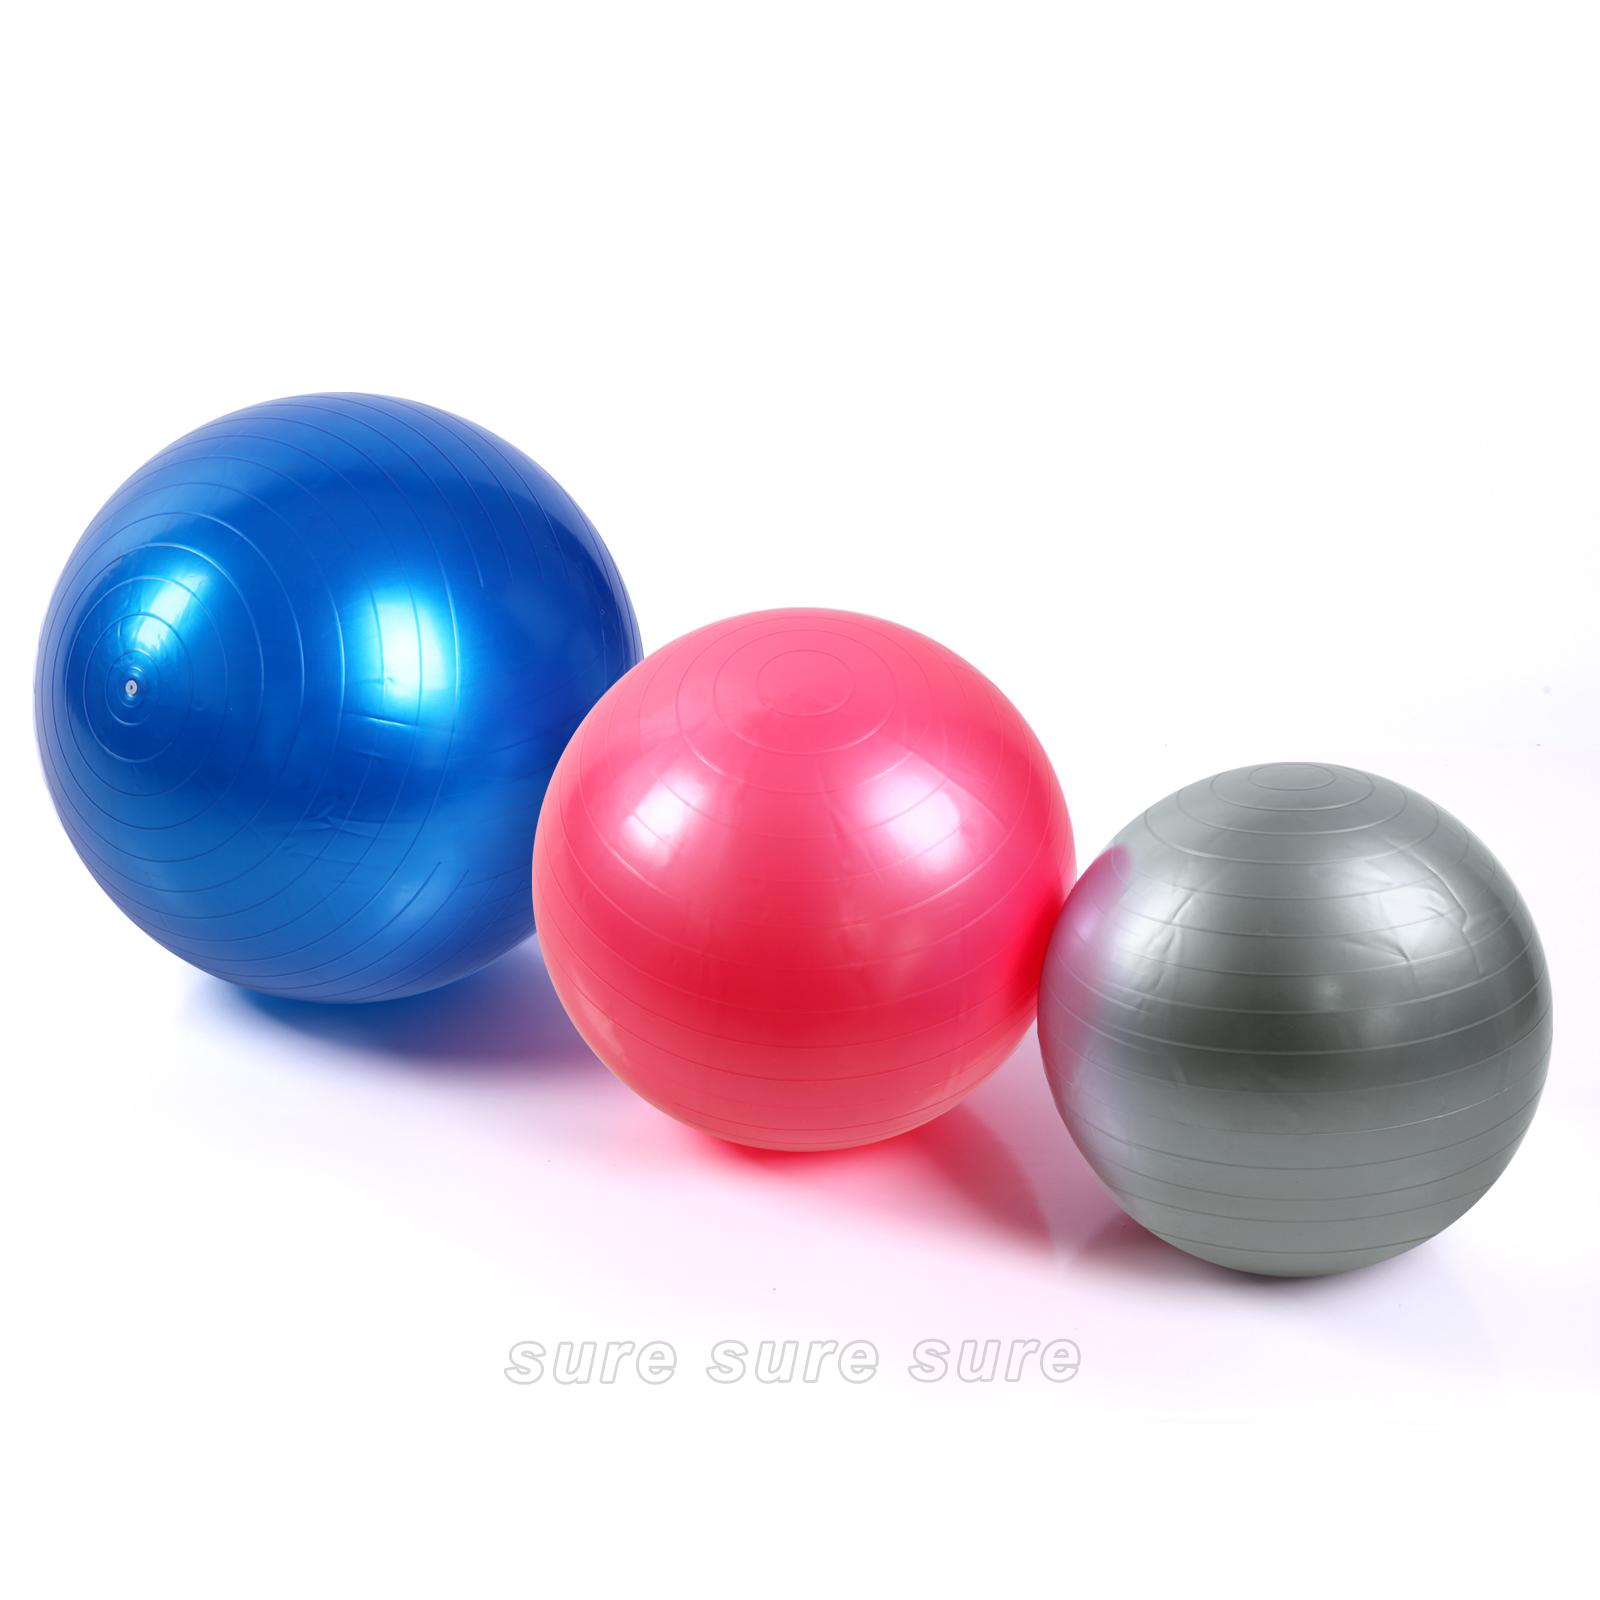 Boule yoga ballon balle gym exercice a robic ball pilates for Housse ballon yoga